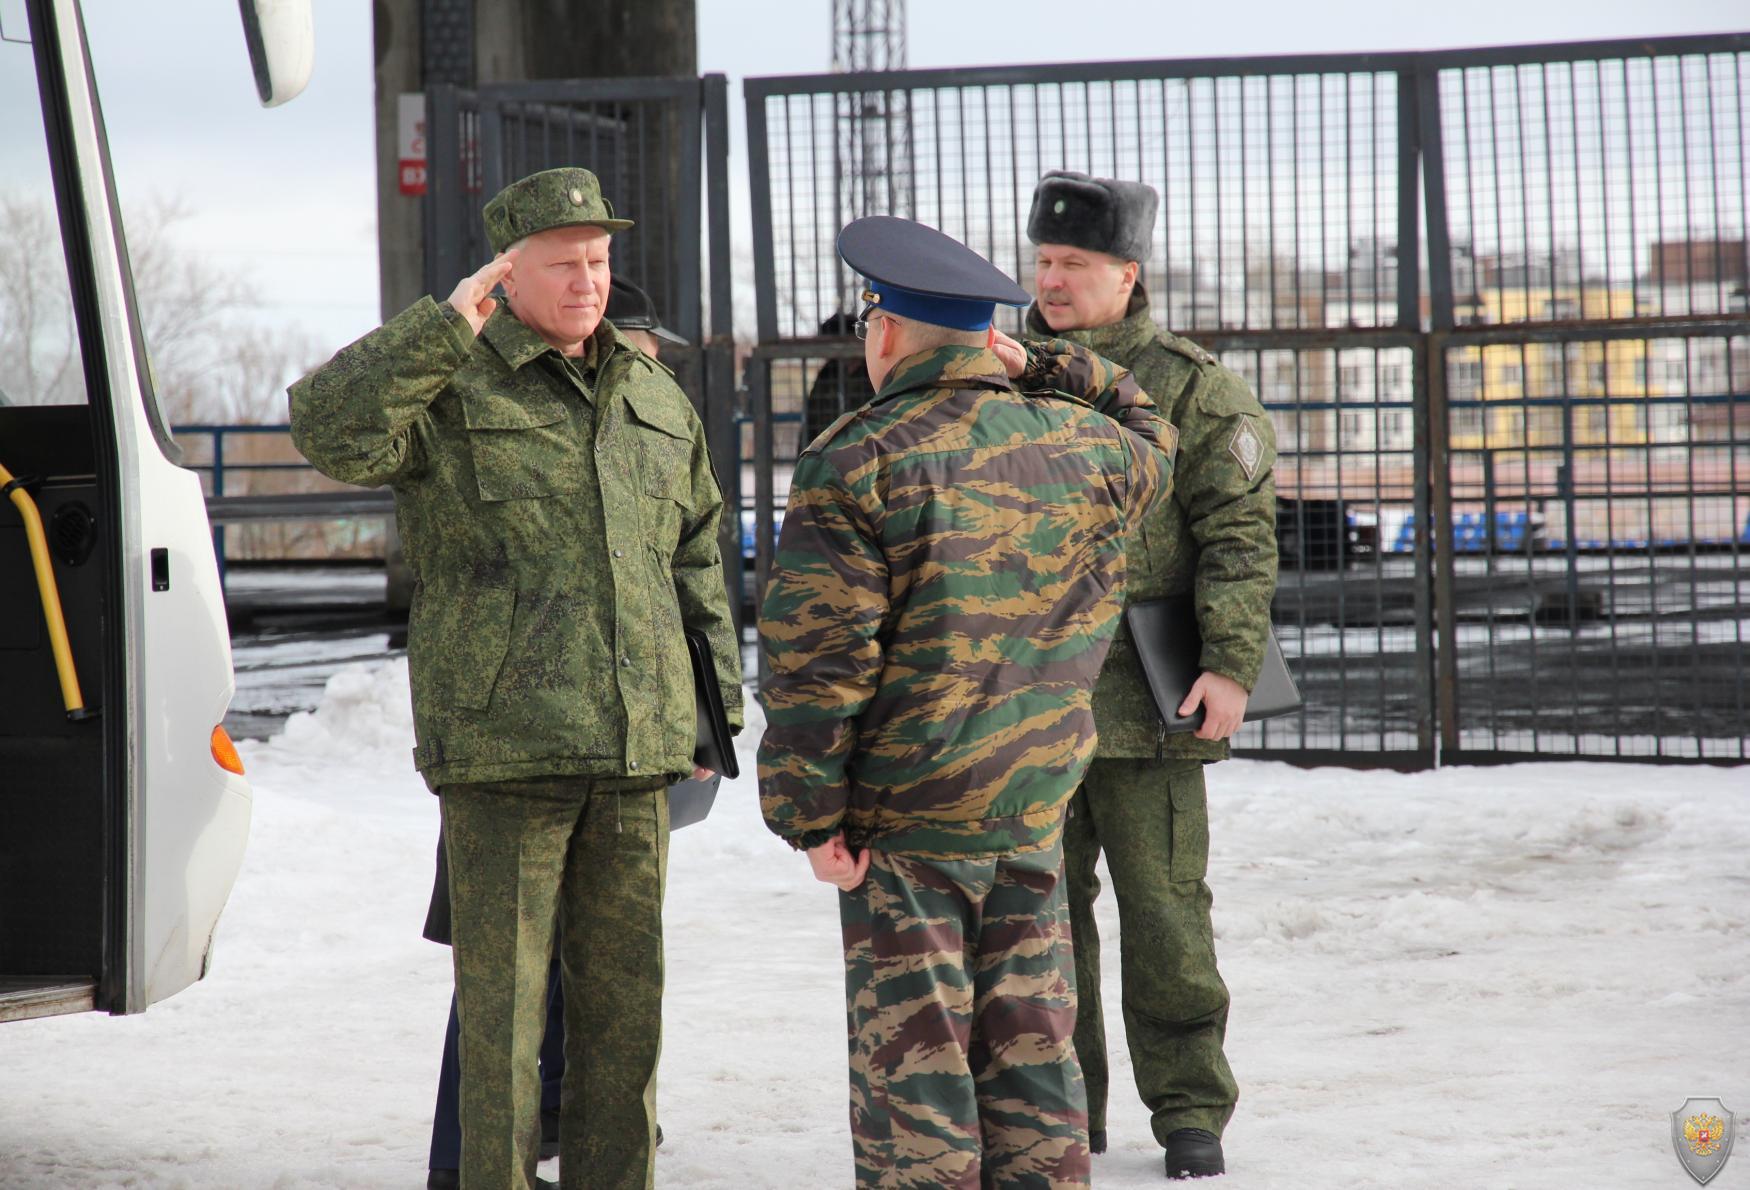 Руководитель оперативного штаба в Республике Карелия генерал-майор Барышев А.А. прибыл в район проведения учения